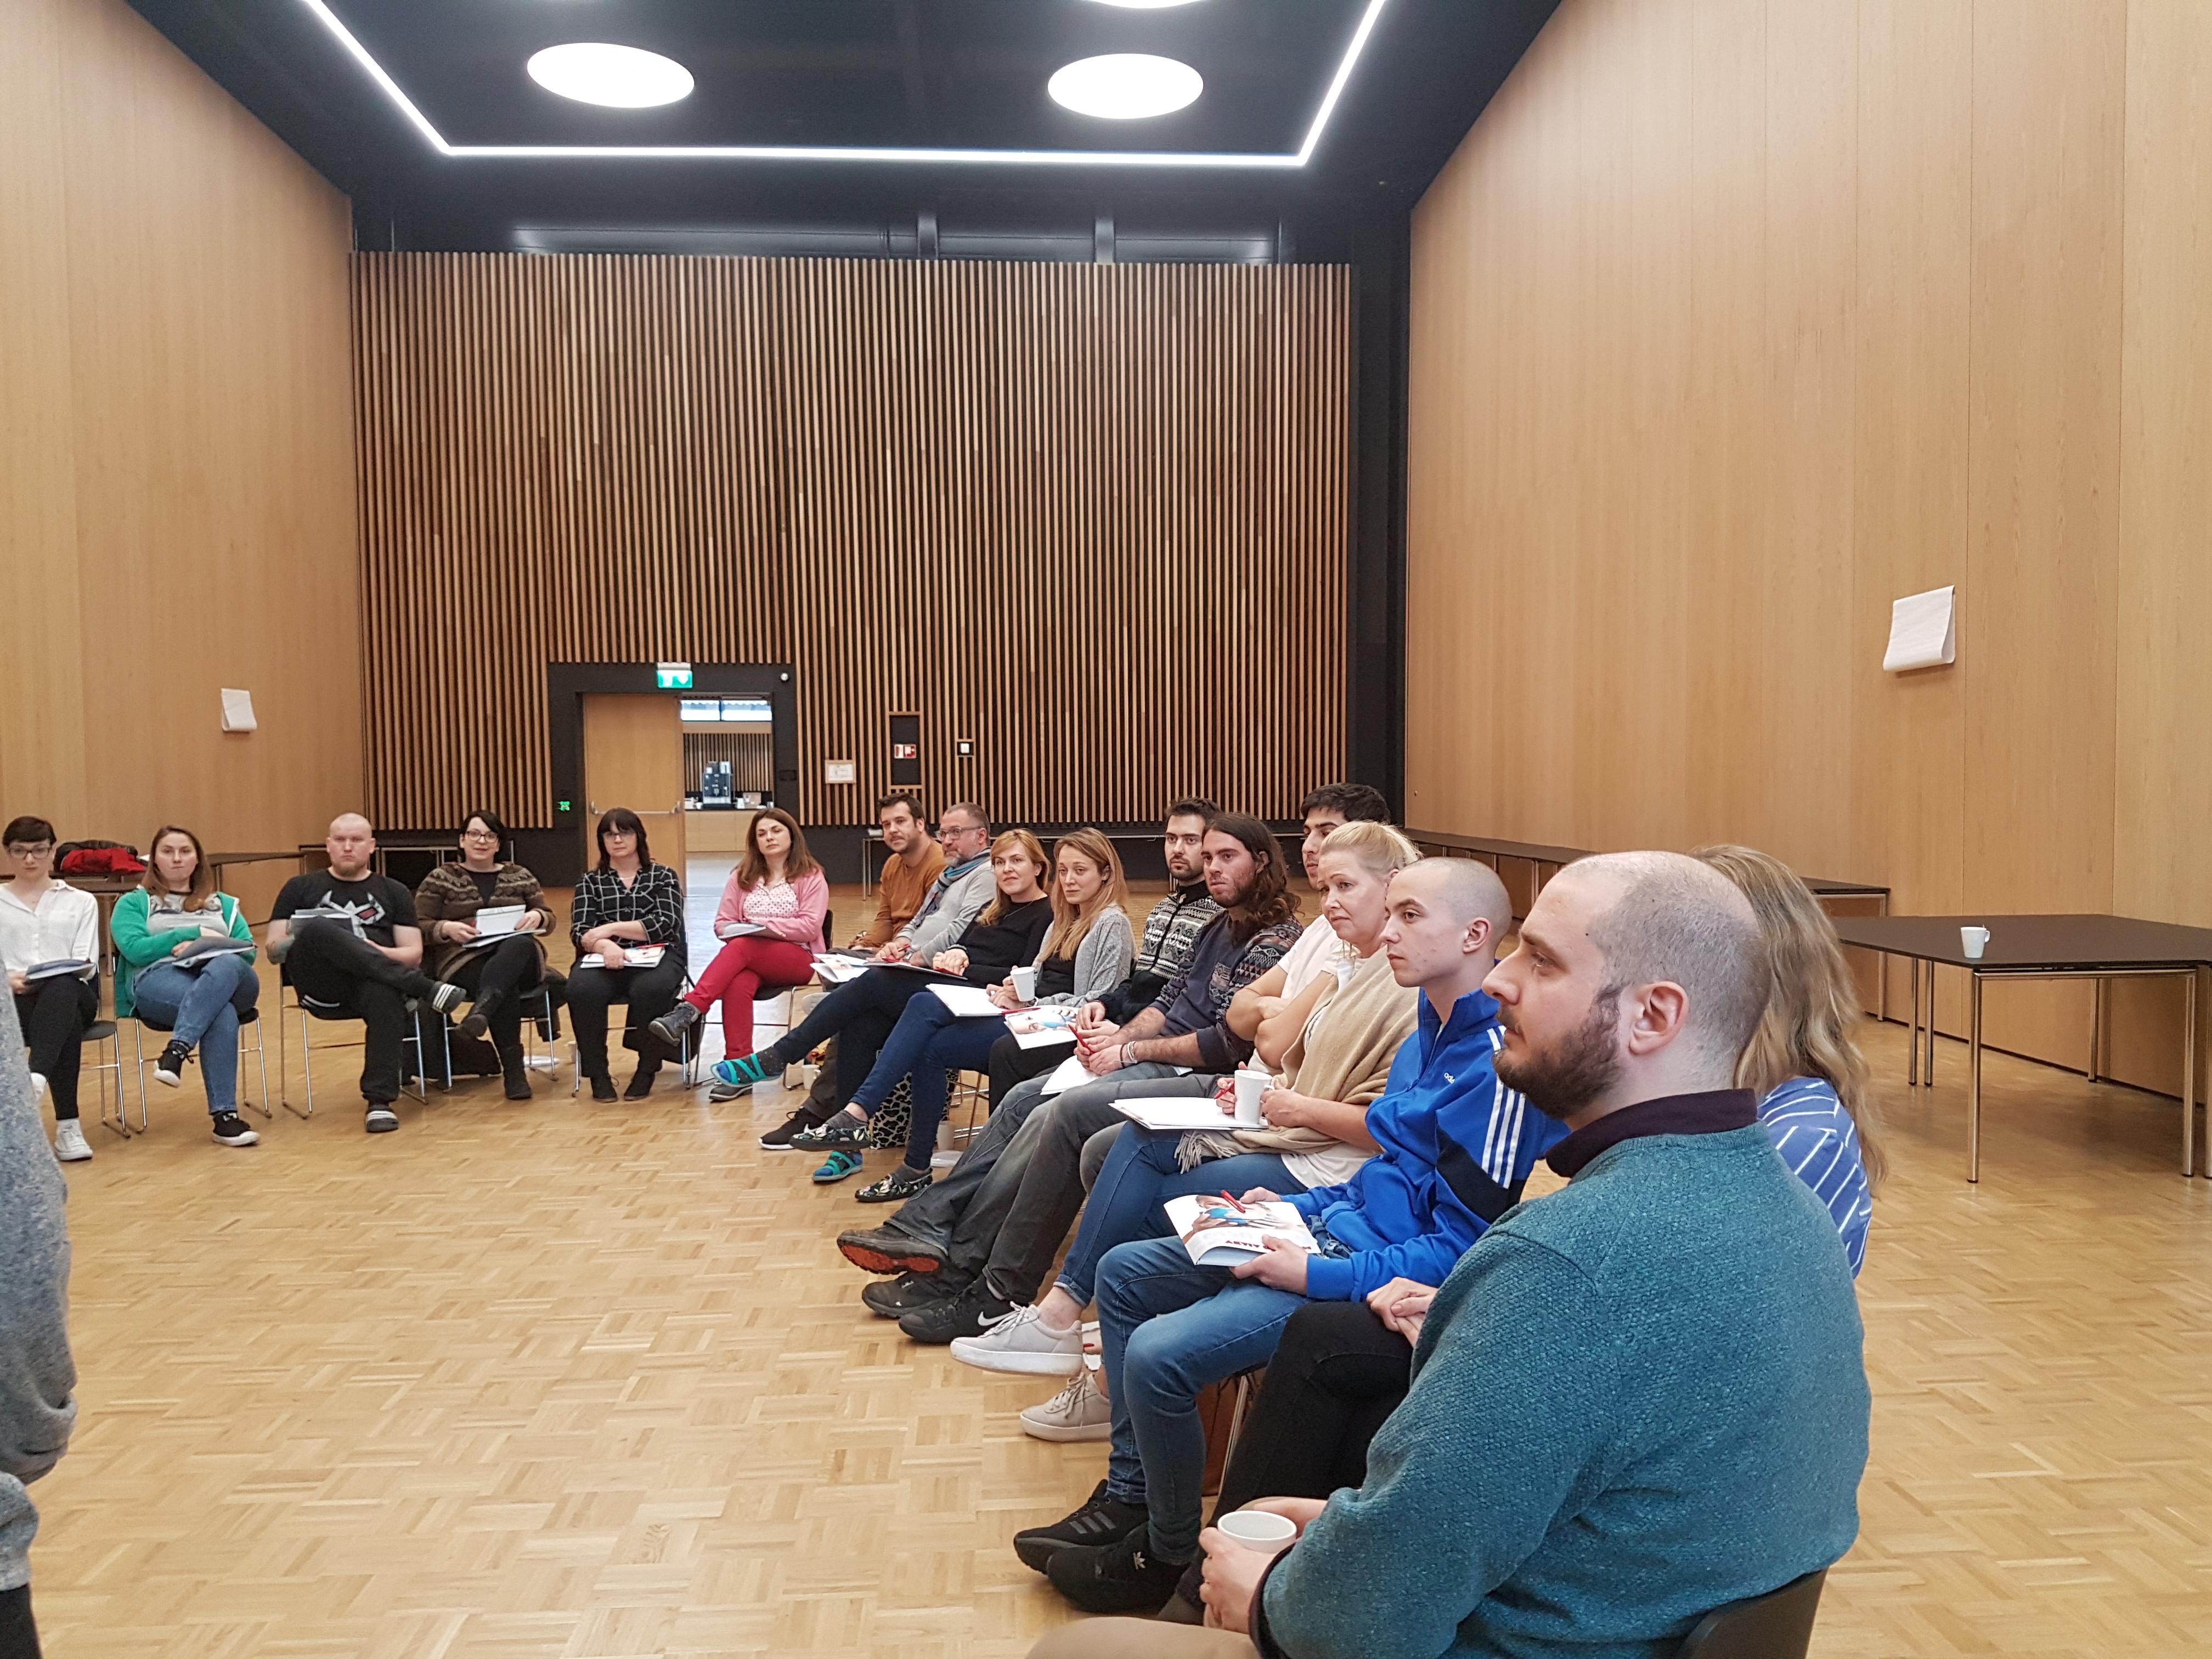 TLAČOVÁ SPRÁVA - Medzinárodné školenie: Úloha práce s mládežou v boji proti násilnej radikalizácii a význam rozvoja demokratických kompetencií